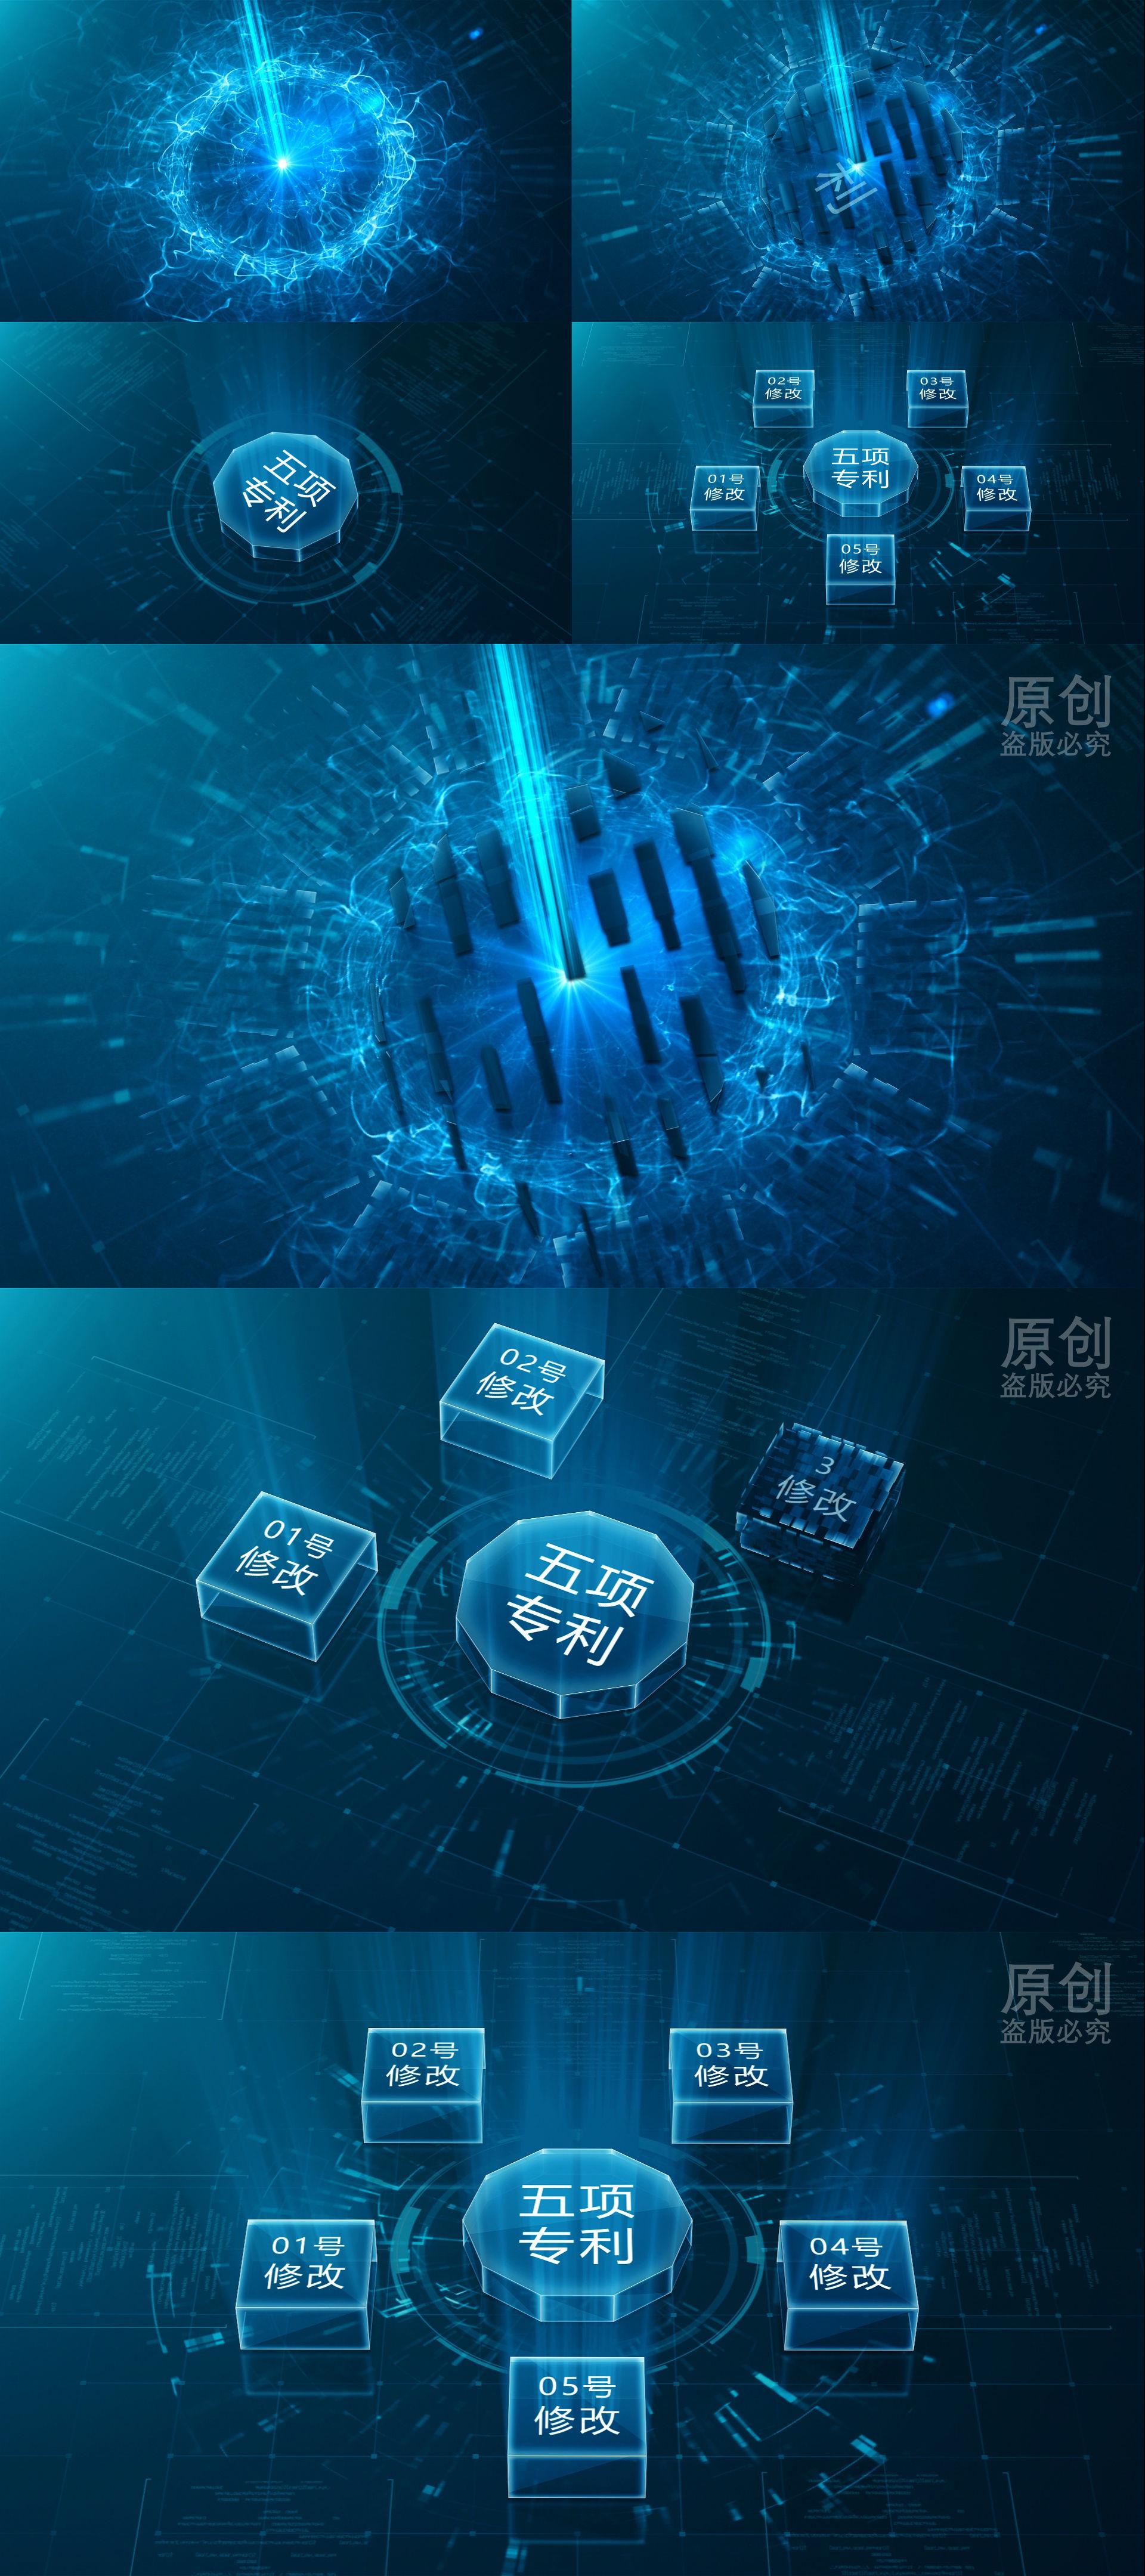 【五】科技數據板塊分類結構圖